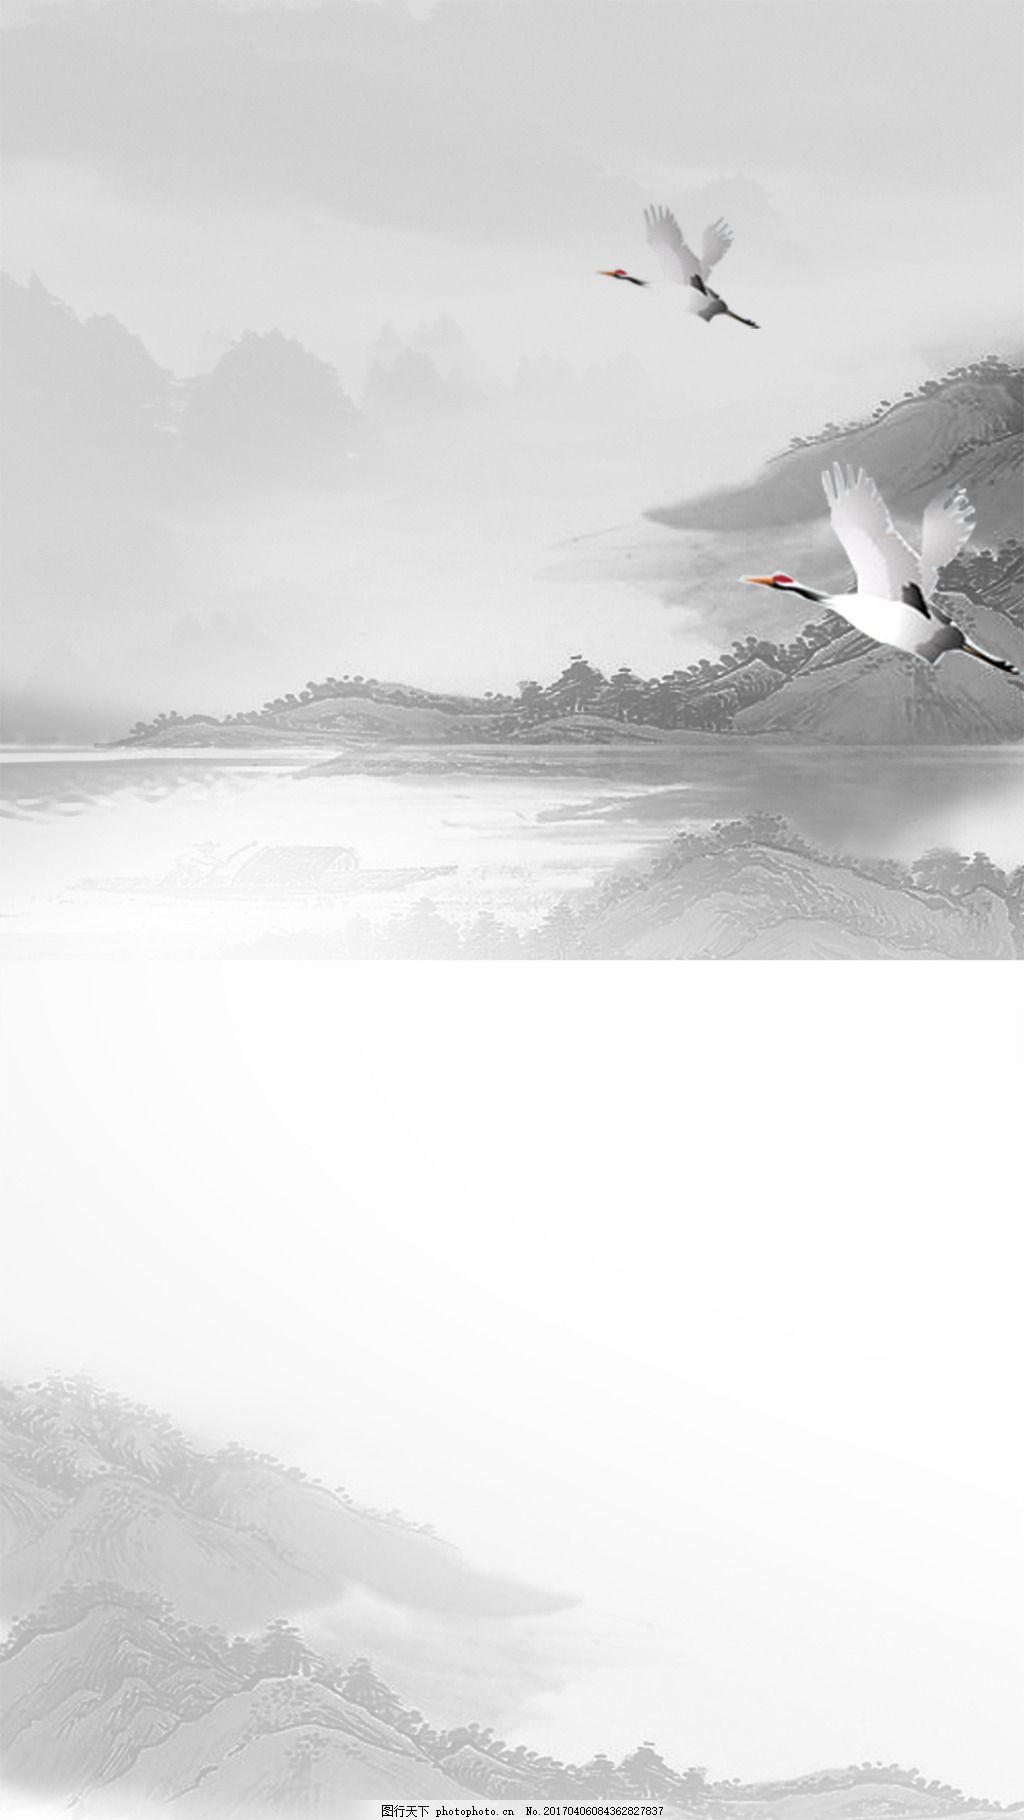 中国风水墨画意境风景展架海报背景 白鹤 山水 白色 古典 易拉宝